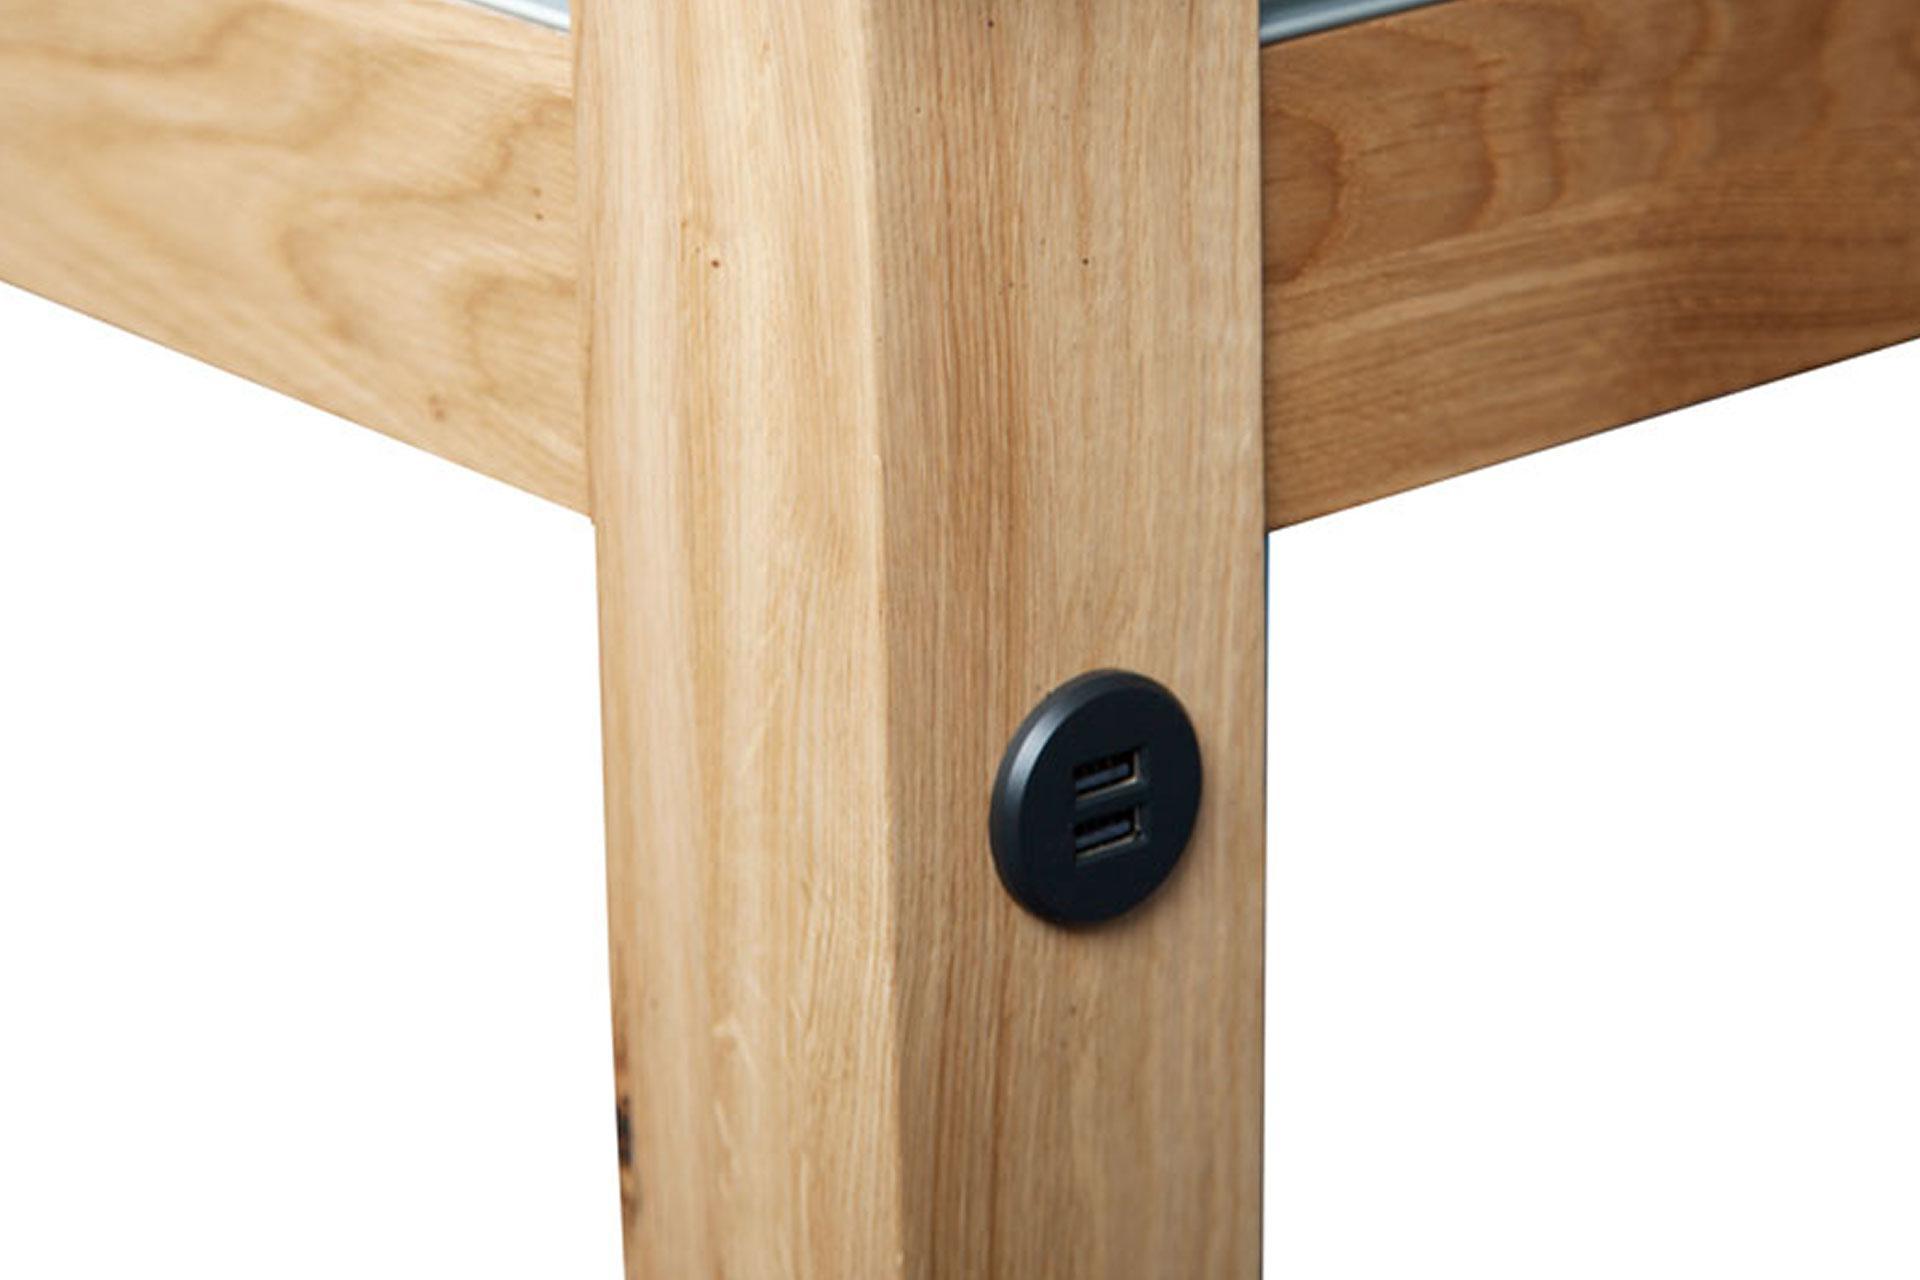 USB Charger - Table Leg